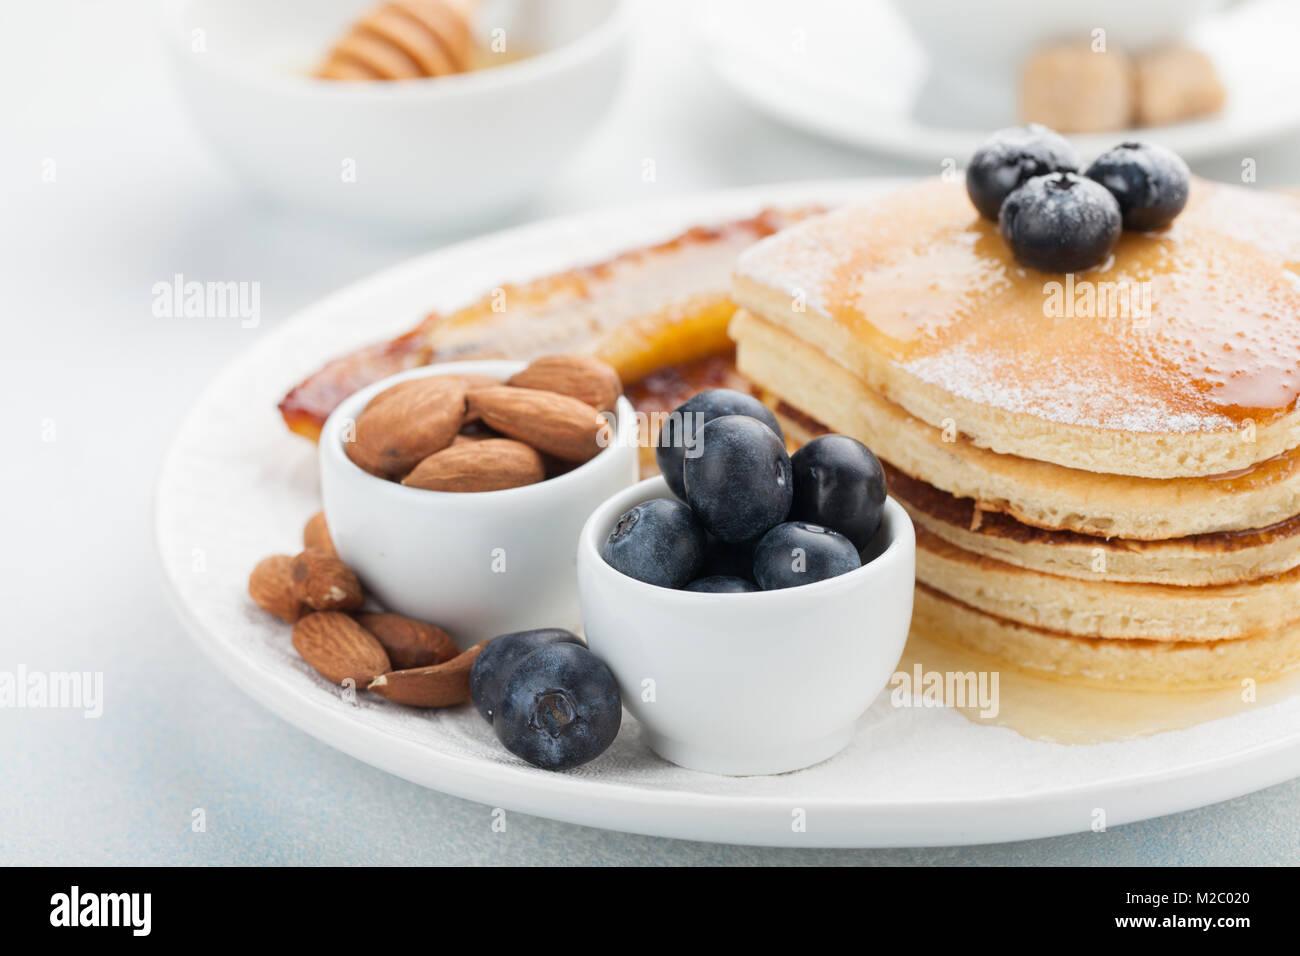 Une pile de délicieuses crêpes avec du miel, du café et des bleuets sur un fond bleu clair. Excellent Photo Stock